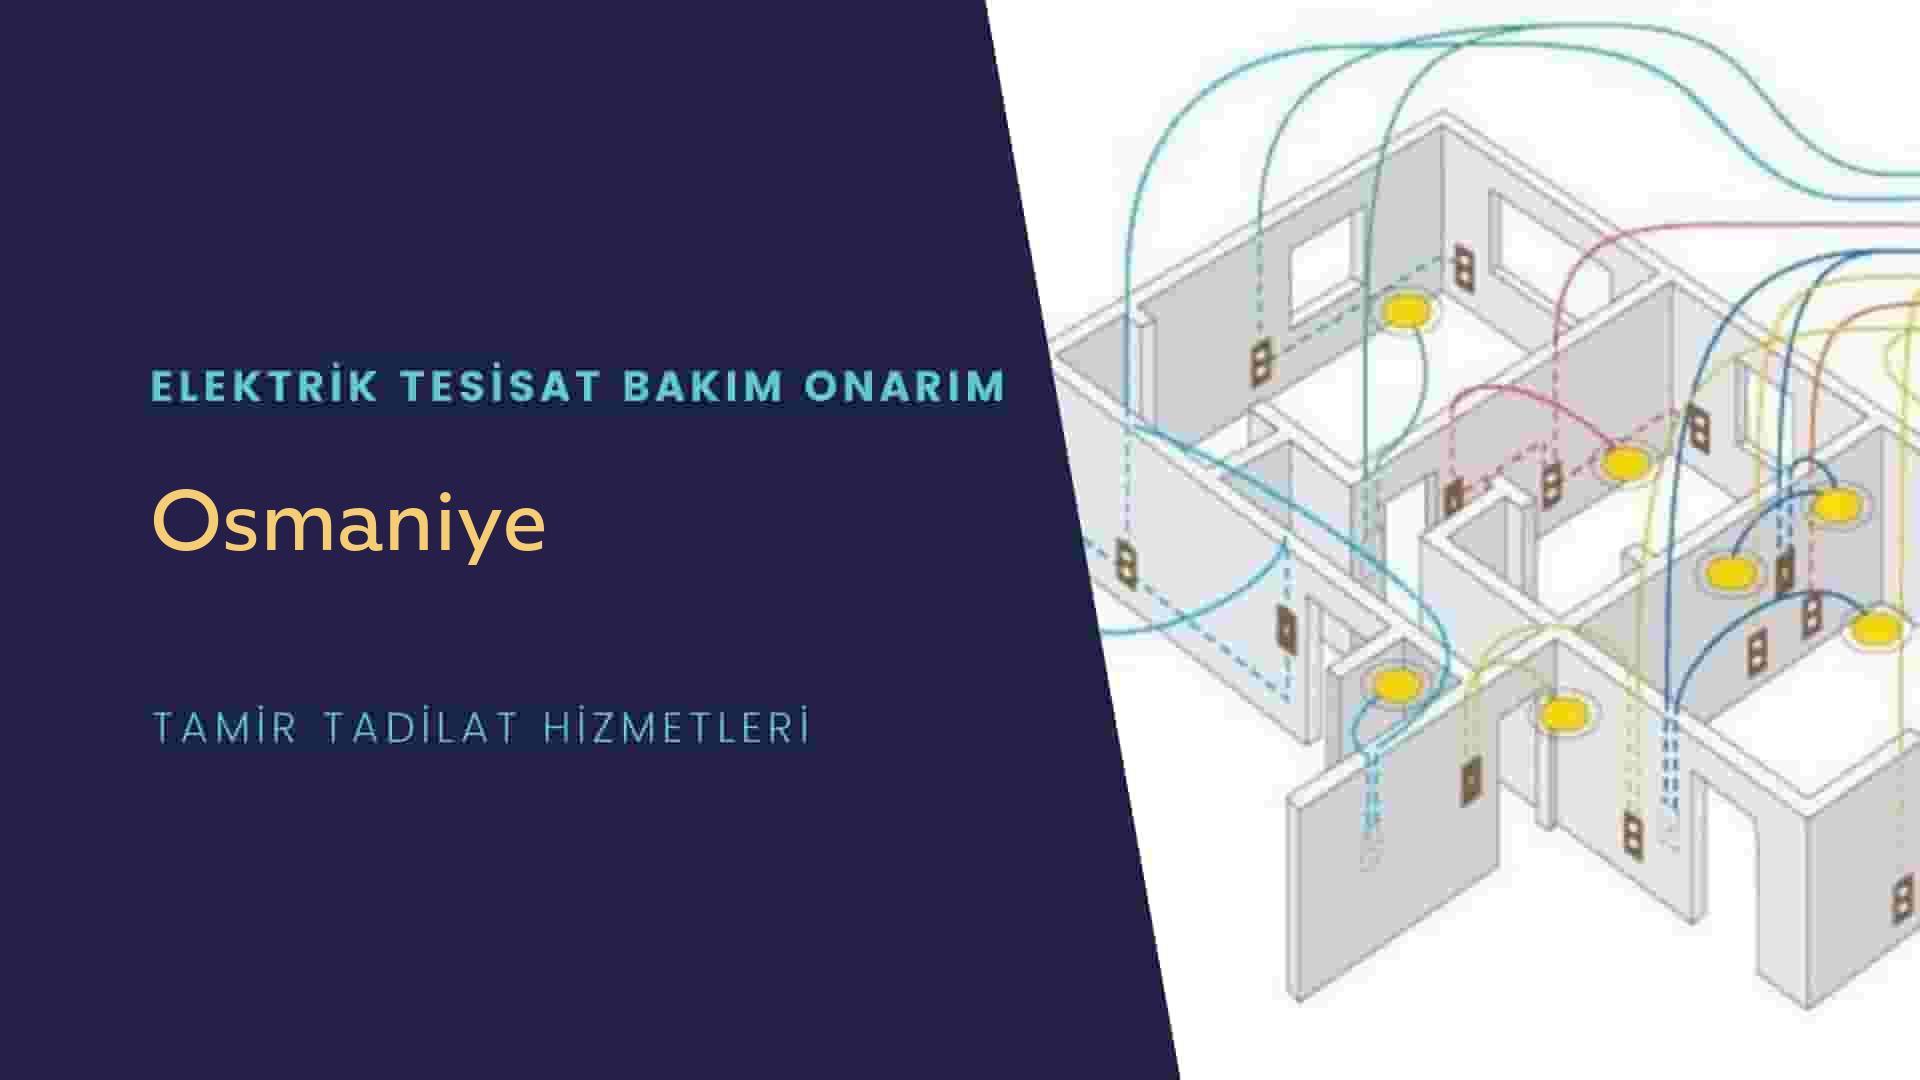 Osmaniye'de elektrik tesisatıustalarımı arıyorsunuz doğru adrestenizi Osmaniye elektrik tesisatı ustalarımız 7/24 sizlere hizmet vermekten mutluluk duyar.